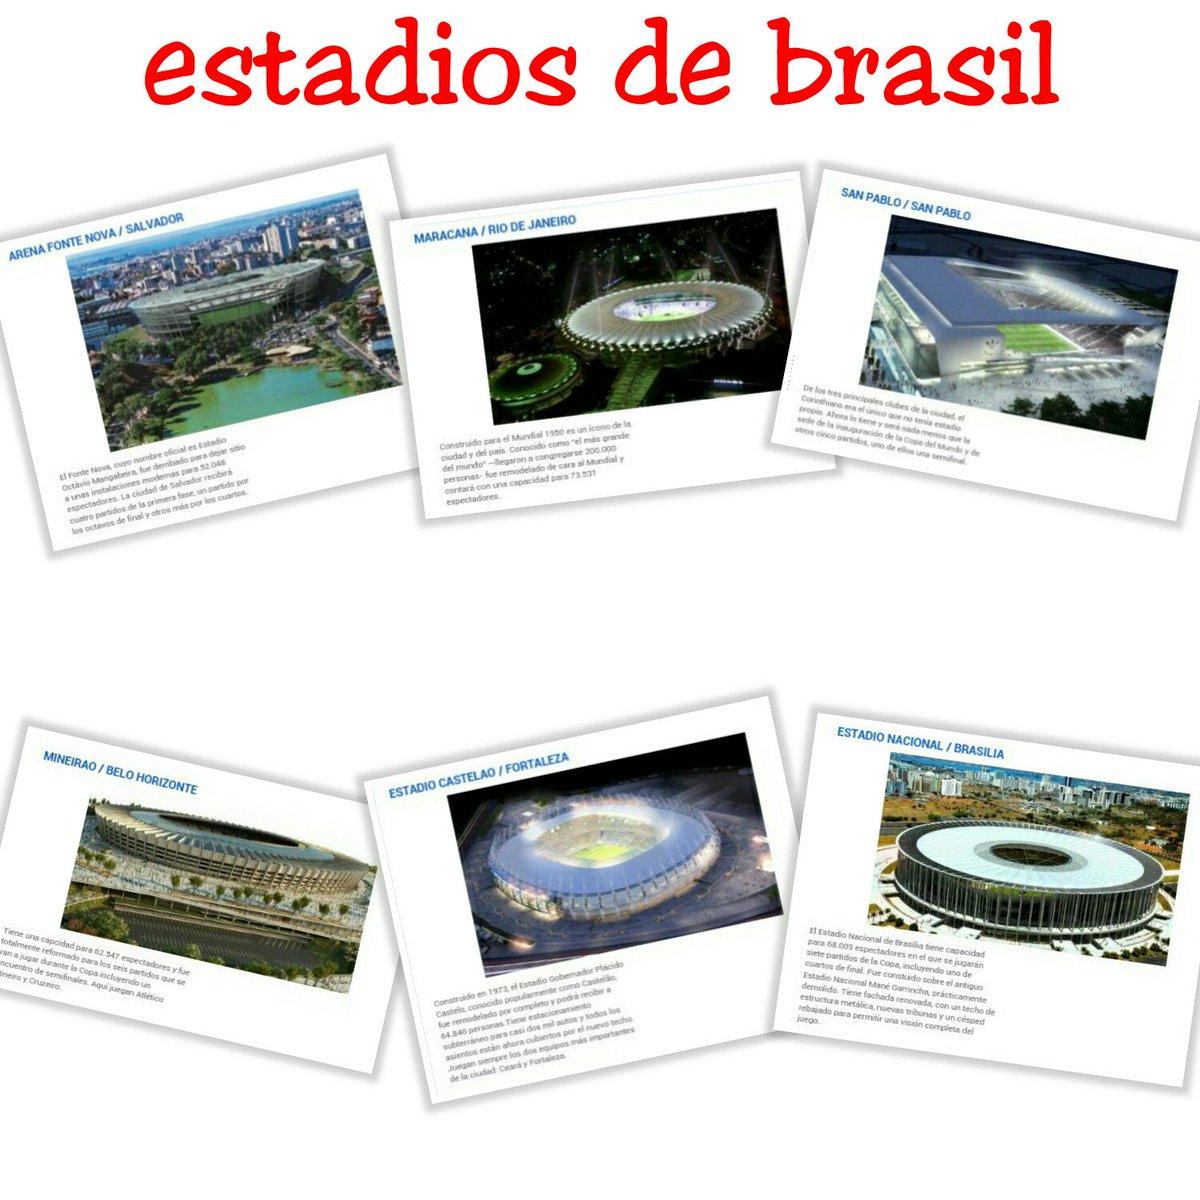 Estadios2019 Hashtag On Twitter